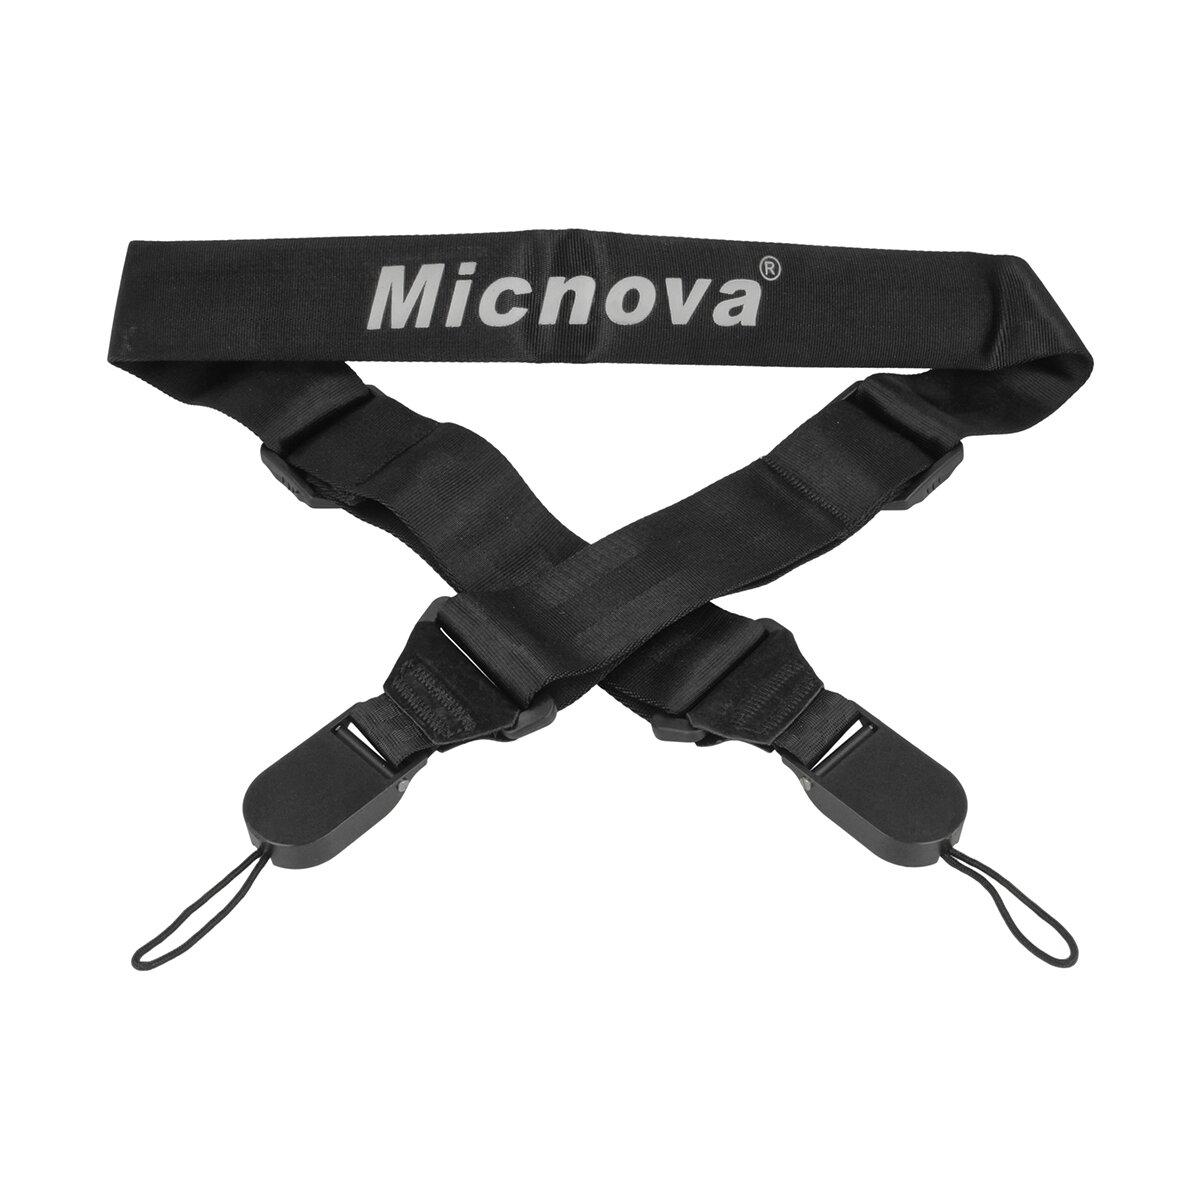 Micnova Kameragurt Tragegurt   Kamera Sicherheitsgurt gepolstert anschmiegsam   Längenverstellbarer Kameragurt mit Schnellverschluss